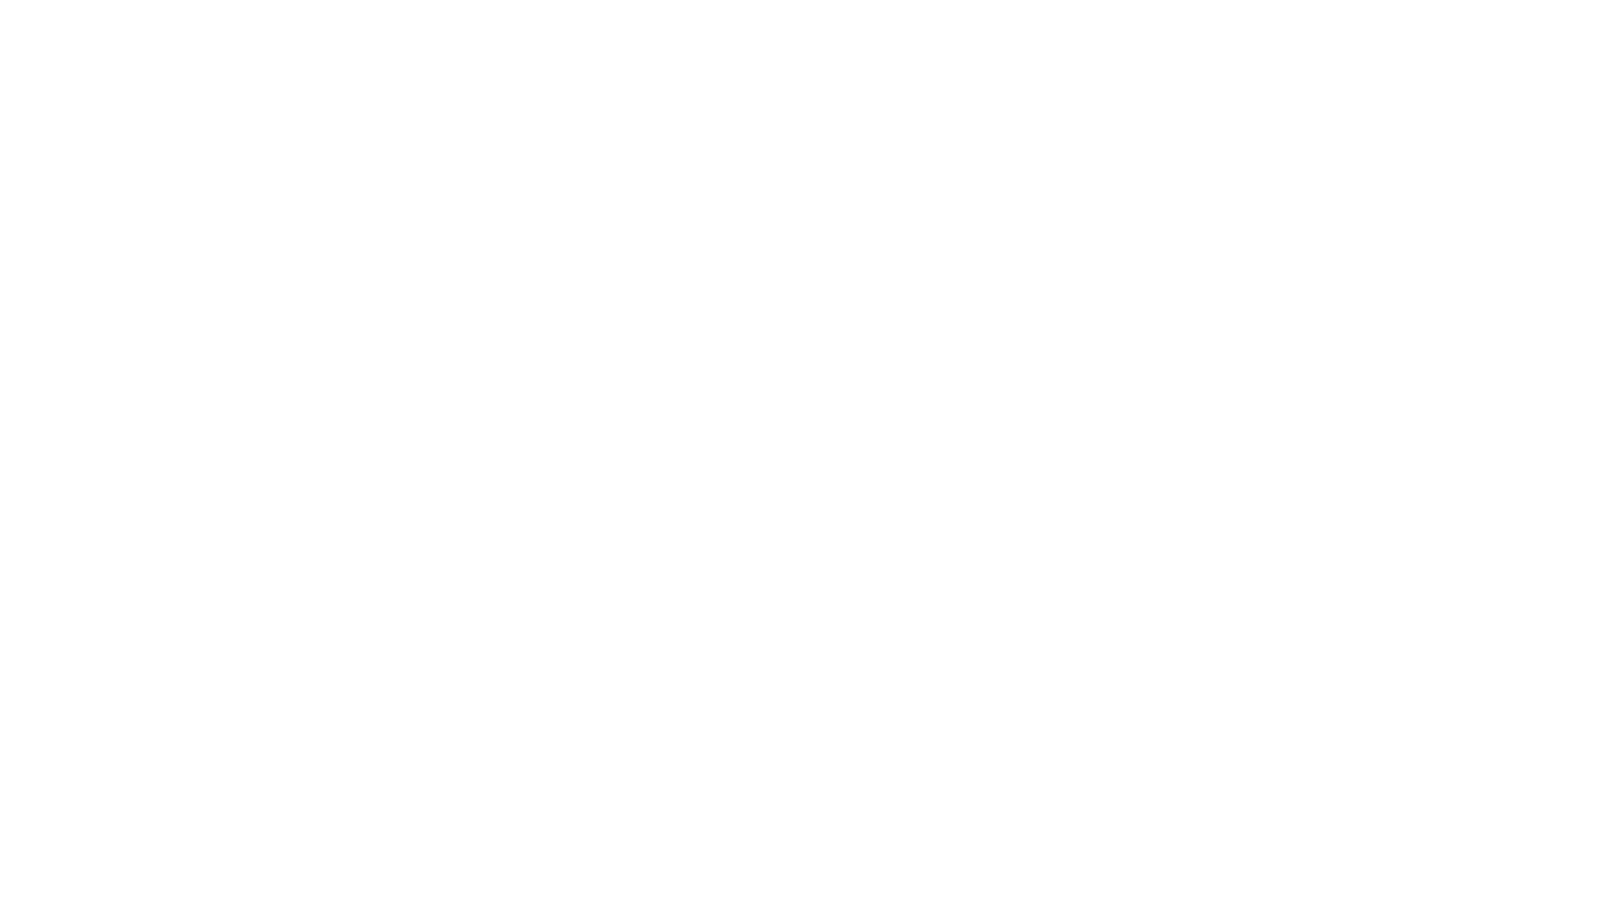 Este vídeo nace como la imperiosa necesidad de rendir un sencillo, pero muy emotivo homenaje a nuestro querido hermano Agustín Villa Córdoba. Nieto del Gral. Francisco Villa.  A mi querido hermano Agustín, quien hace solo unos días ha fallecido a consecuencias del terrible Covid-19, en México, D.F.y también como un merecido homenaje al El Centauro del Norte, a nuestro Gral. Pancho Villa, en el 143 Aniversario de su Natalicio. El Padre de Agustín Villa Córdoba, fue José Trinidad Villa hijo del general Francisco Villa y de Manuela Casas. El nombre del General Villa fue Doroteo Arango Arámbula, conocido como Francisco (Pancho) Villa, quien nació el 5 de junio de 1878, en La  Coyotada, Municipio de San Juan del Río, Dgo. Hijo de Agustín Arango y Micaela Arámbula, aparceros en la Hacienda El Gogojito, propiedad de la familia López Negrete. Al fallecer sus padres, asumió la responsabilidad del resto de su familia.     En la Hacienda en la que trabajaba, el más joven de los López Negrete, intentó deshonrar a su hermana, por lo que Francisco Villa le disparó en defensa de su hermana, e inicio su vida de forajido, adquirió experiencia en la geografía, manejo de armas y caballos, que le ayudarían a destacarse como revolucionario. En 1910, al iniciar la Revolución Mexicana, se unió a las filas maderistas. Participó activamente en la lucha contra el Ejército Federal hasta lograr su derrota, en la Batalla de Ciudad Juárez. Demostró habilidades innatas para la guerra, cualidad que le permitió salir victorioso en varias batallas como en Ciudad Juárez, Ojinaga, Torreón, Tierra Blanca, Zacatecas, Paredón y Sayula, entre otras. Durante el gobierno maderista, fue encarcelado en la Prisión Militar de Santiago Tlatelolco, por insubordinación. Tras la muerte de Francisco I. Madero, se unió a las tropas constitucionalistas de Venustiano Carranza, su participación fue nuevamente decisiva para la derrota del General Victoriano Huerta en 1914. Fue Comandante de la División del Norte, uno de 